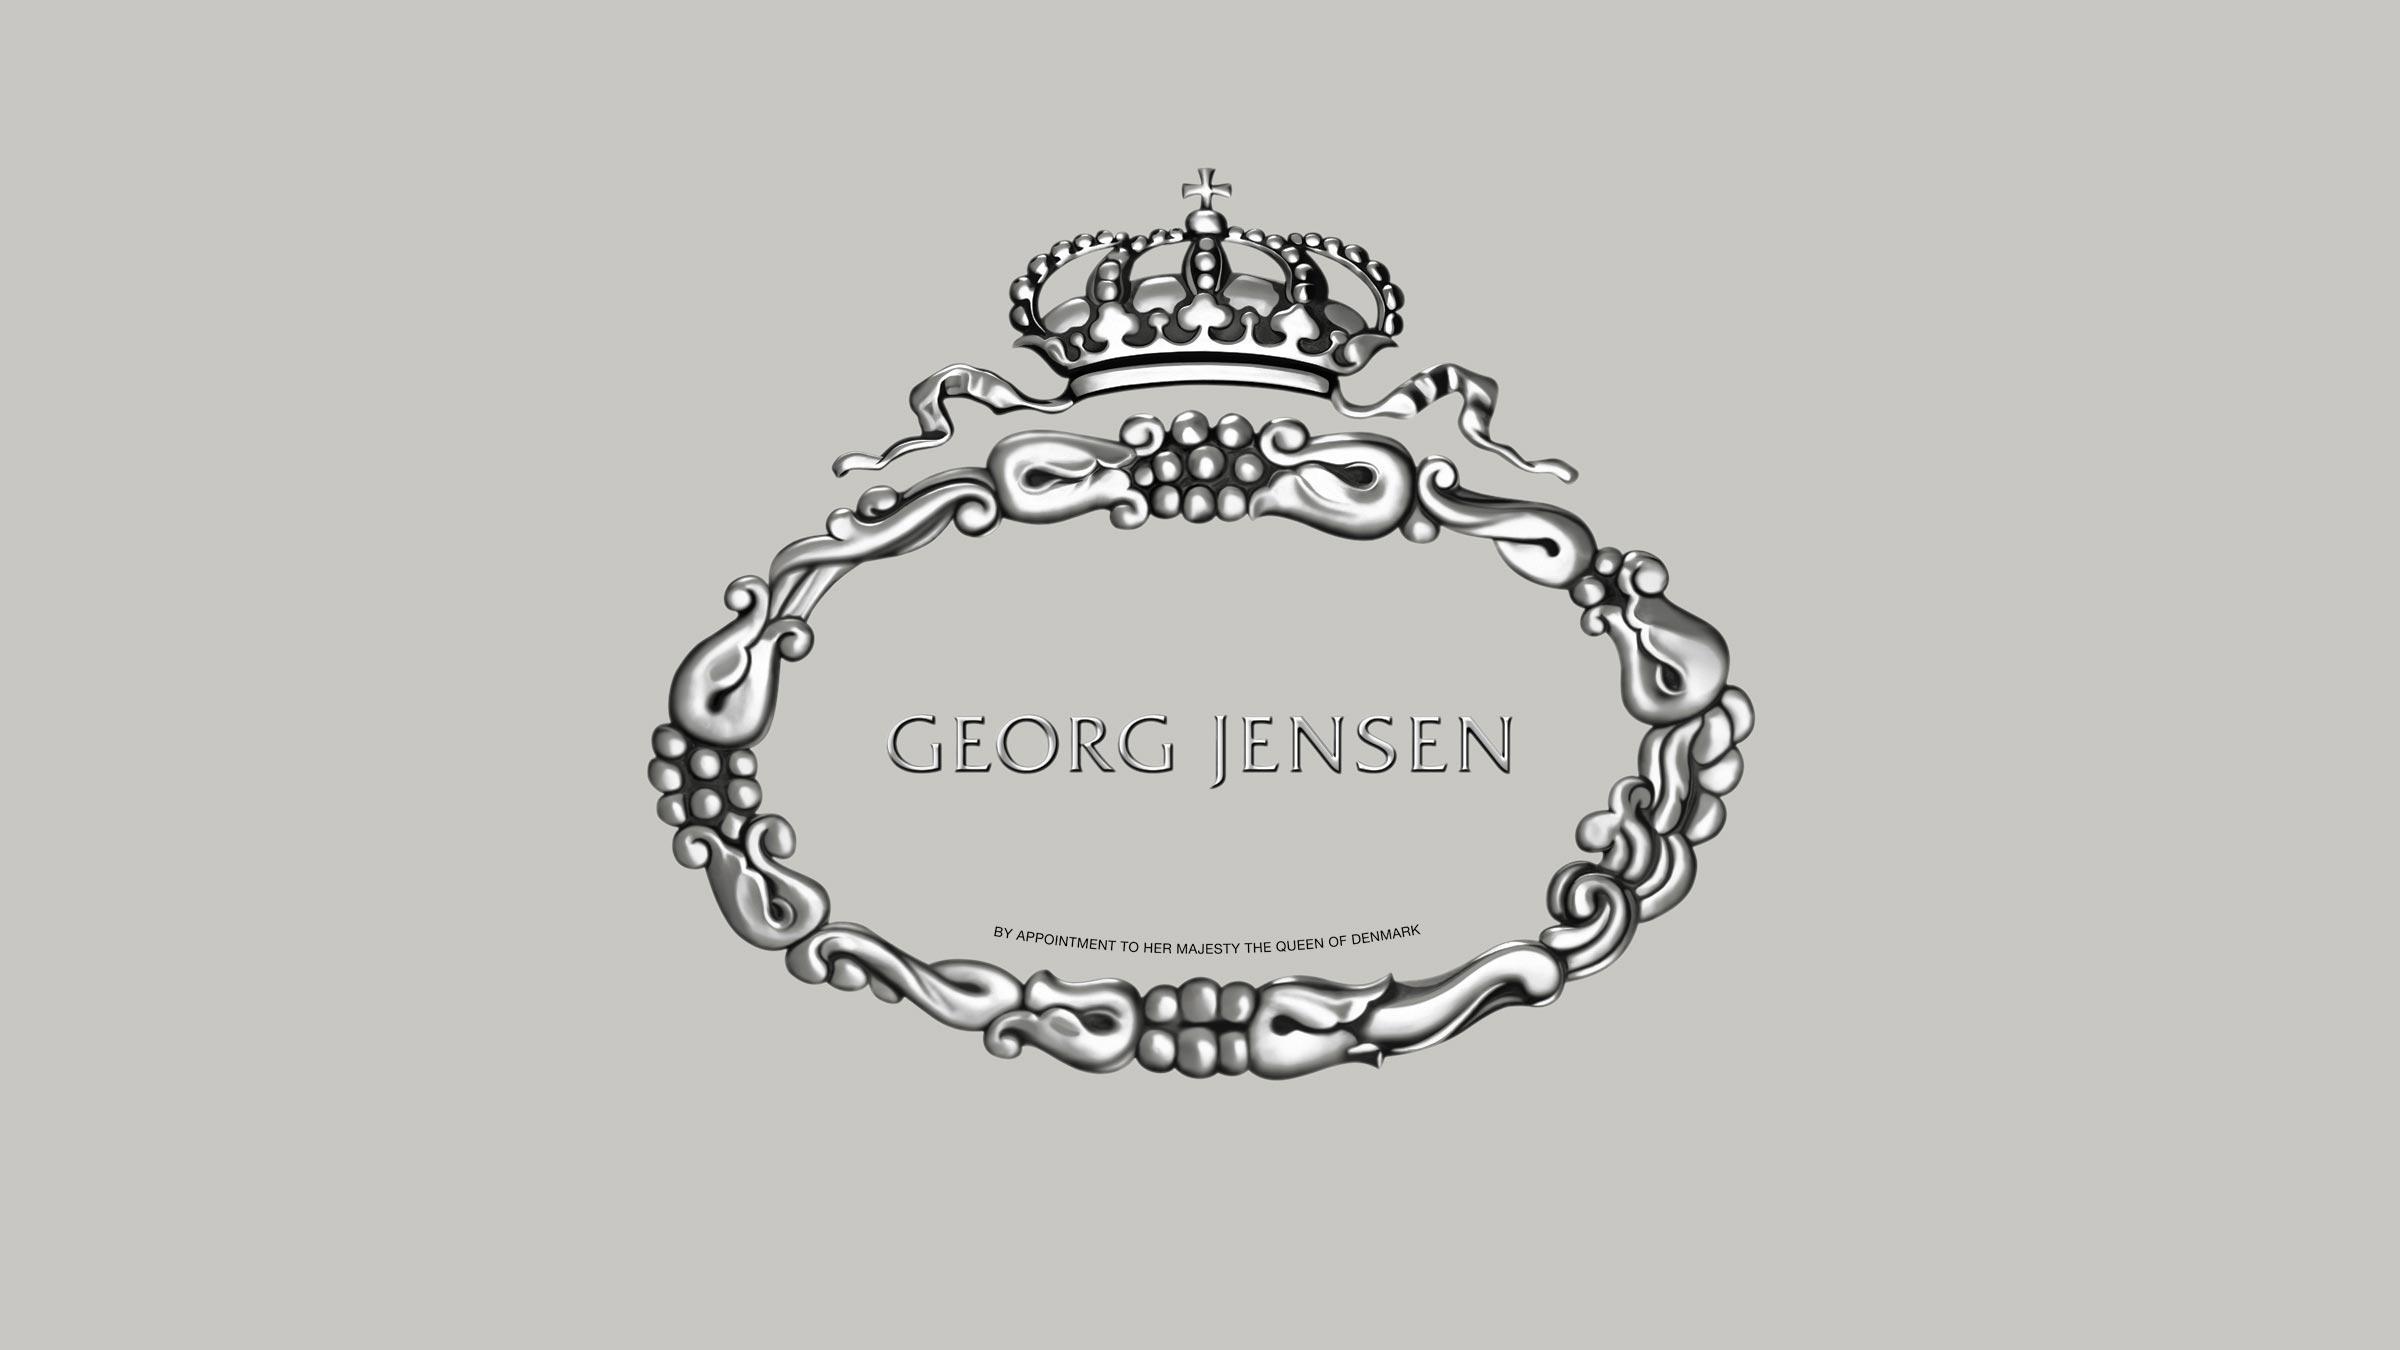 Georg Jensen Identity Design